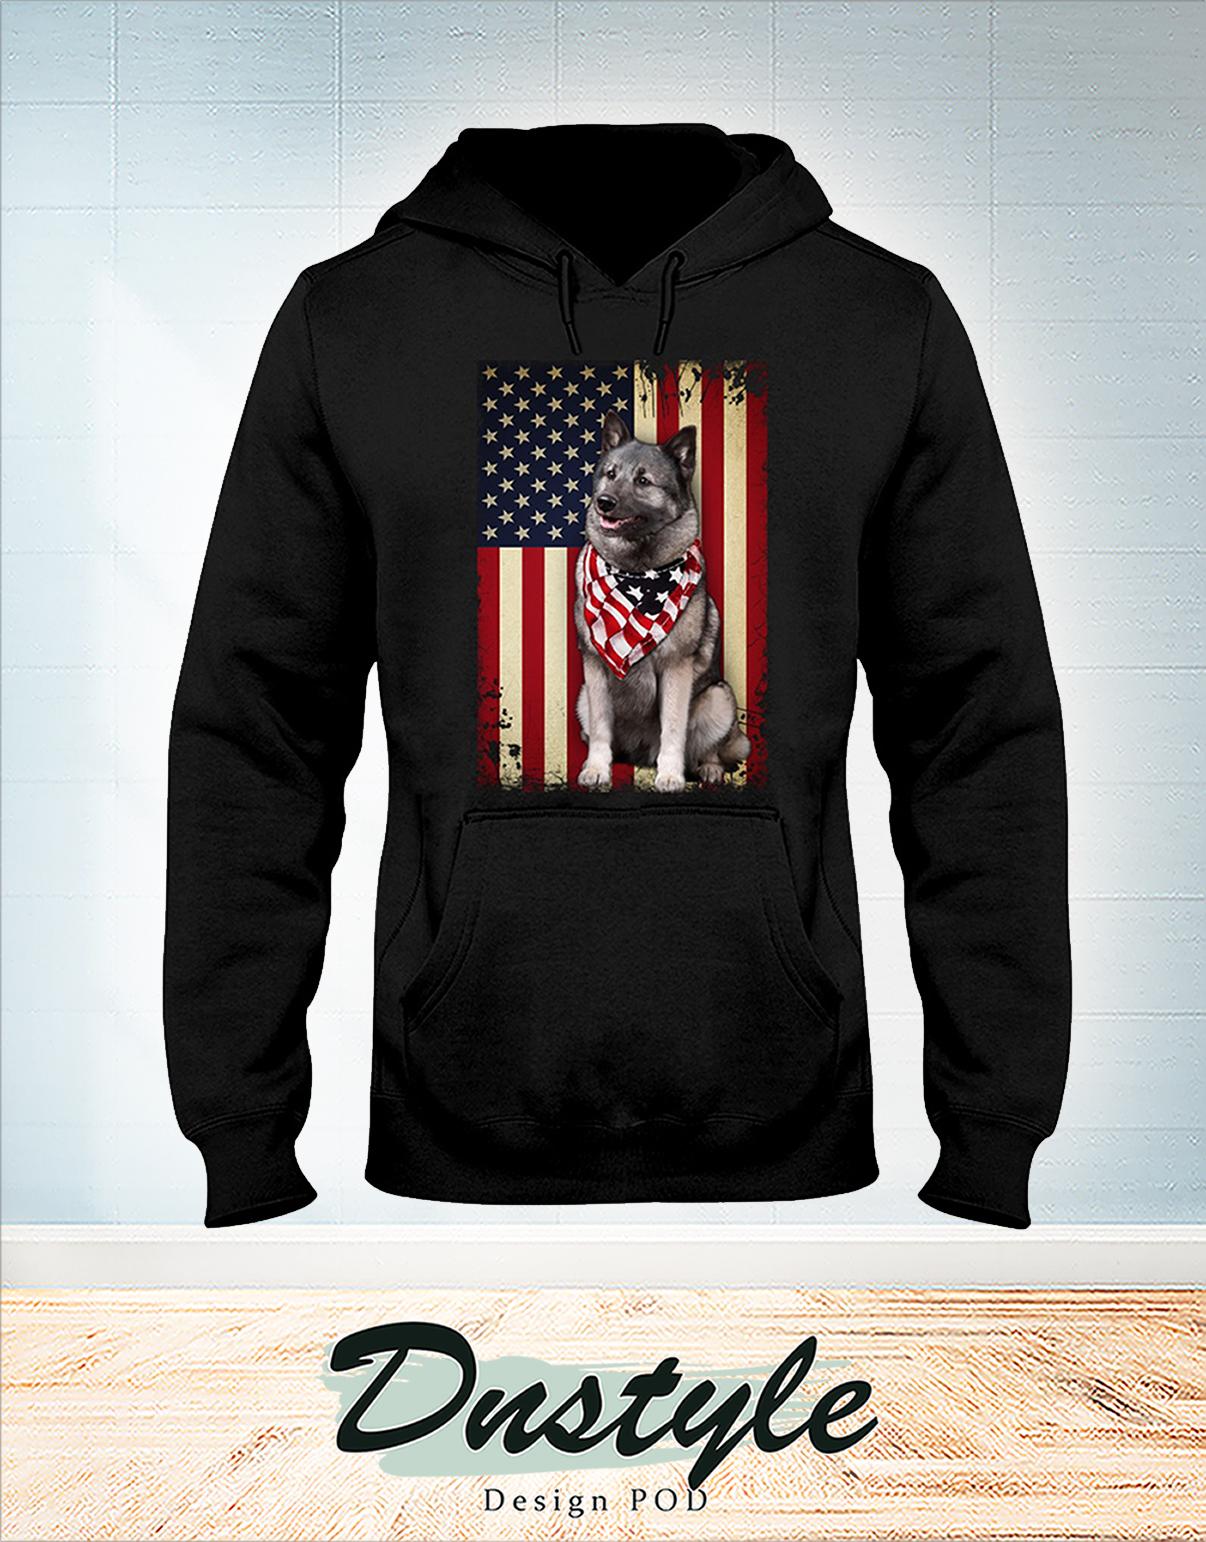 Norwegian Elkhound smile american flag 4th of July hoodie